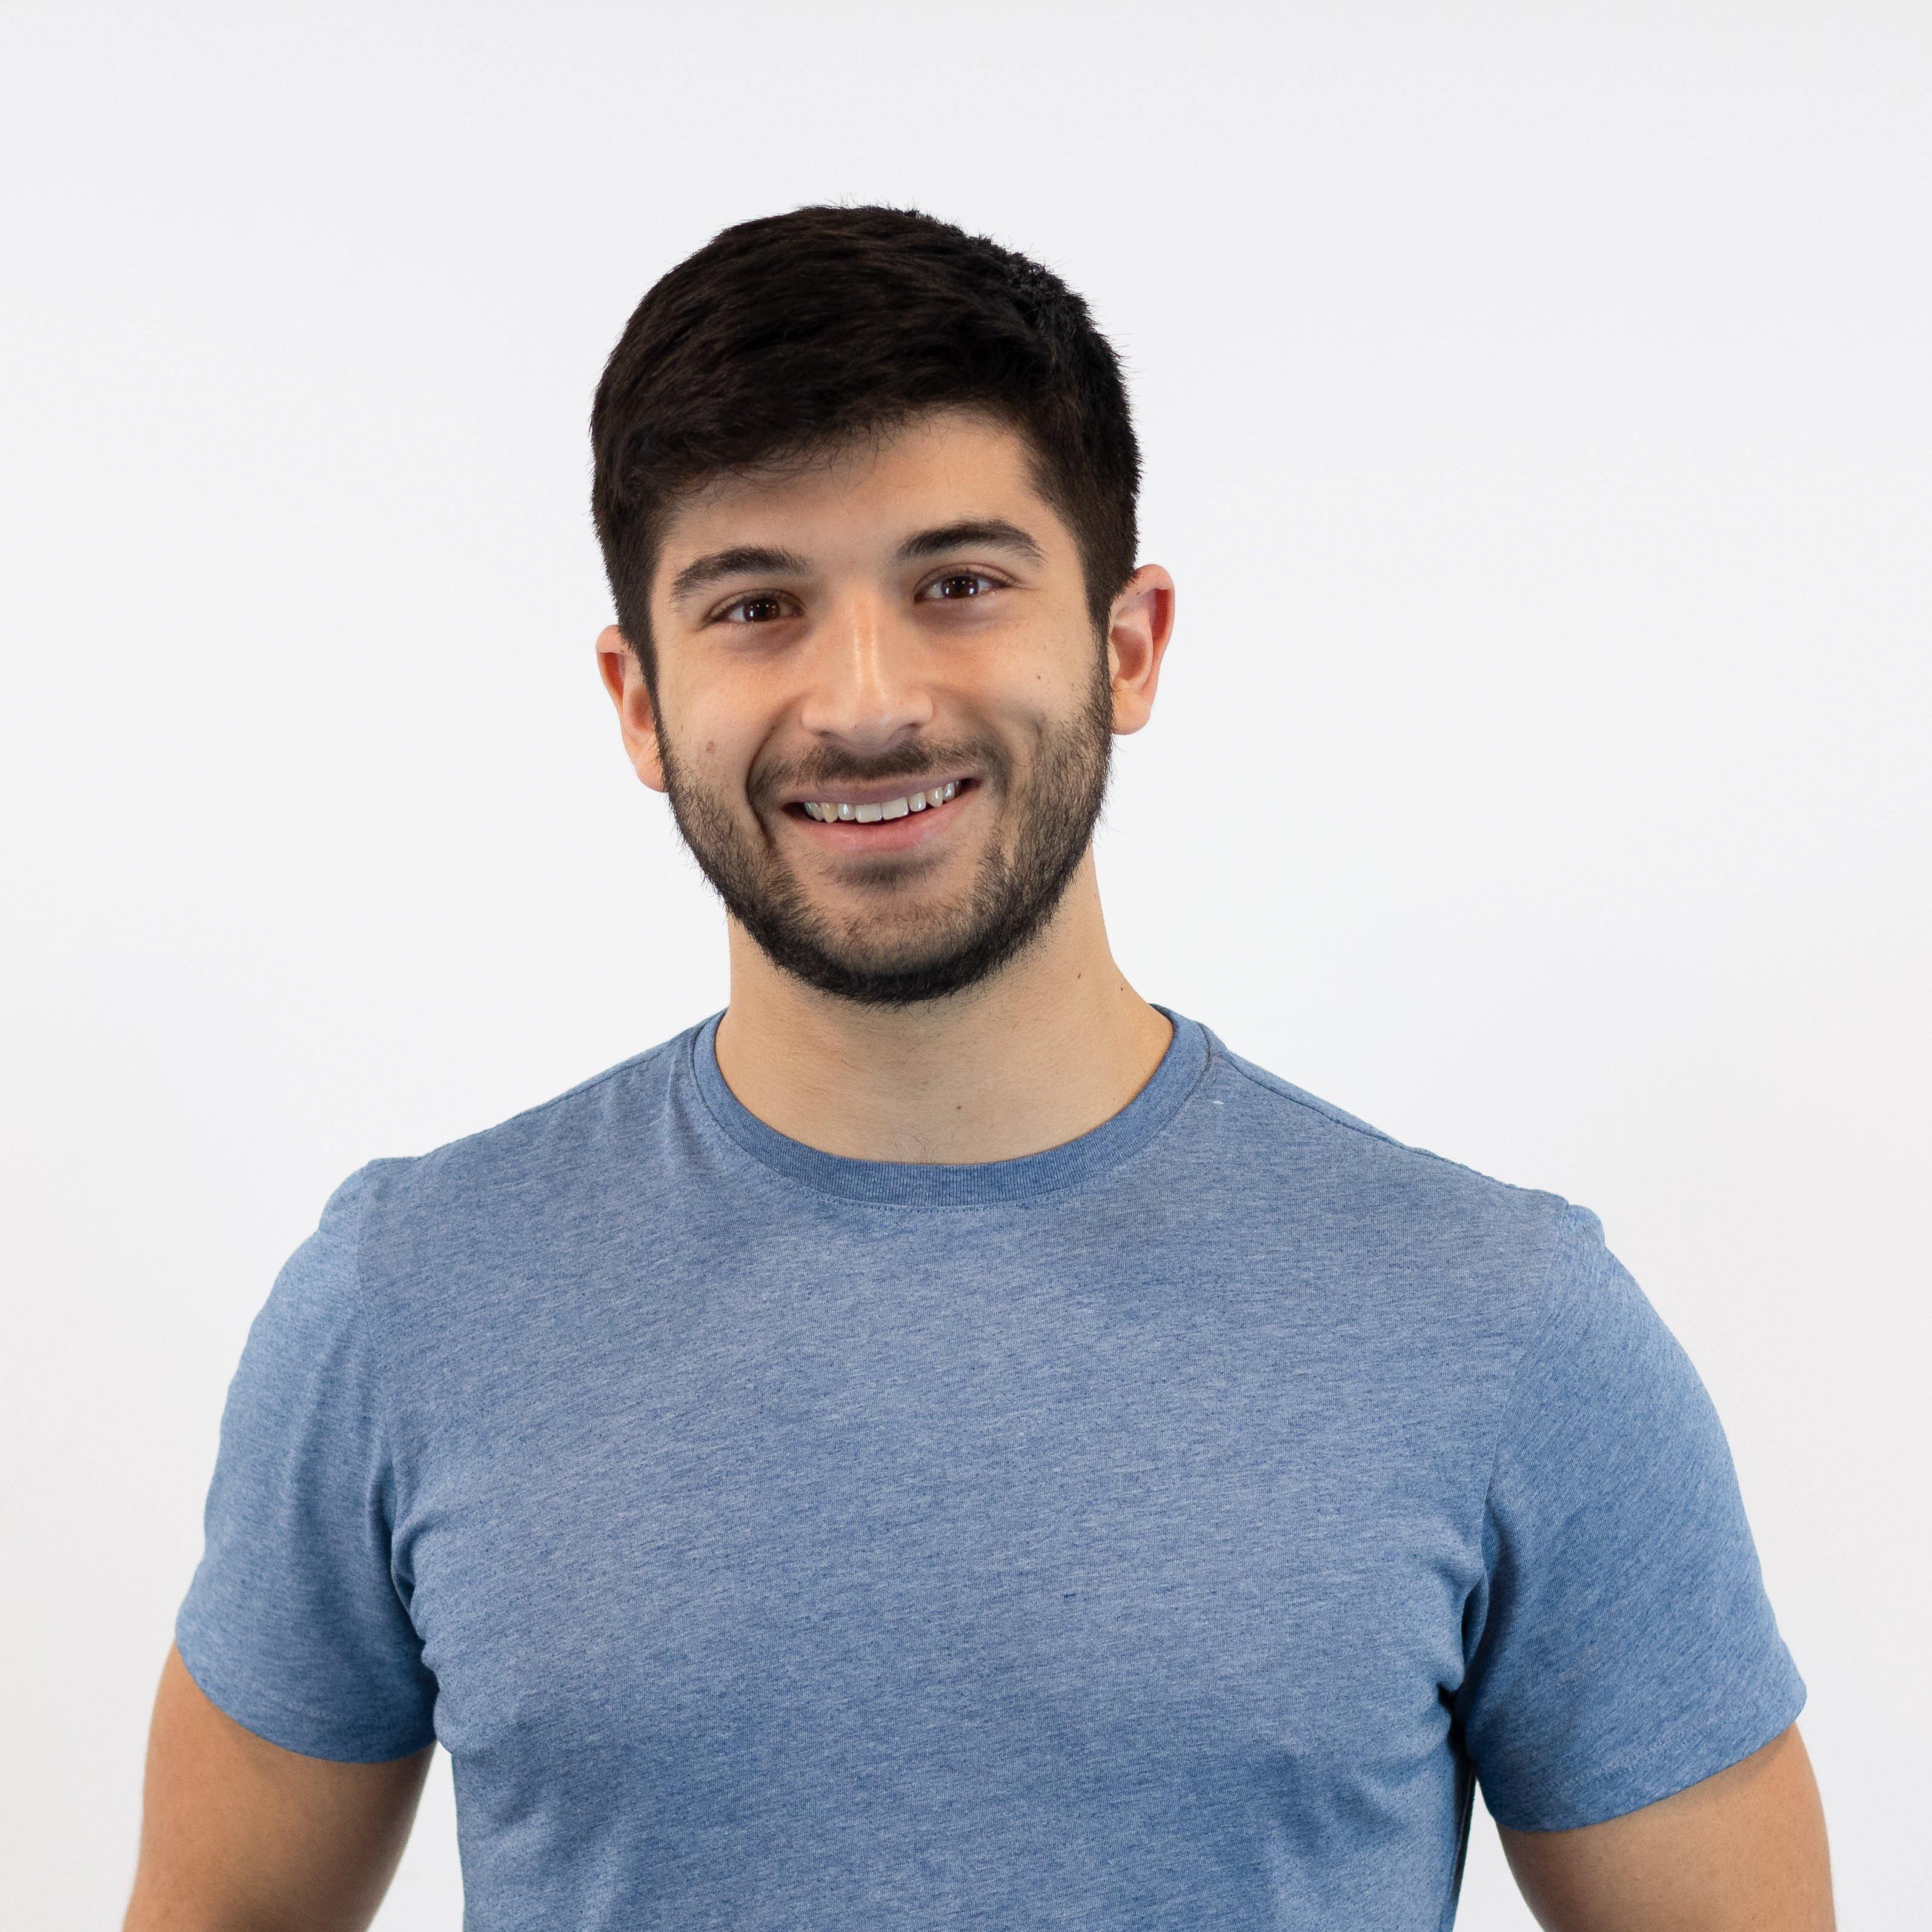 David Benhaim, CTO